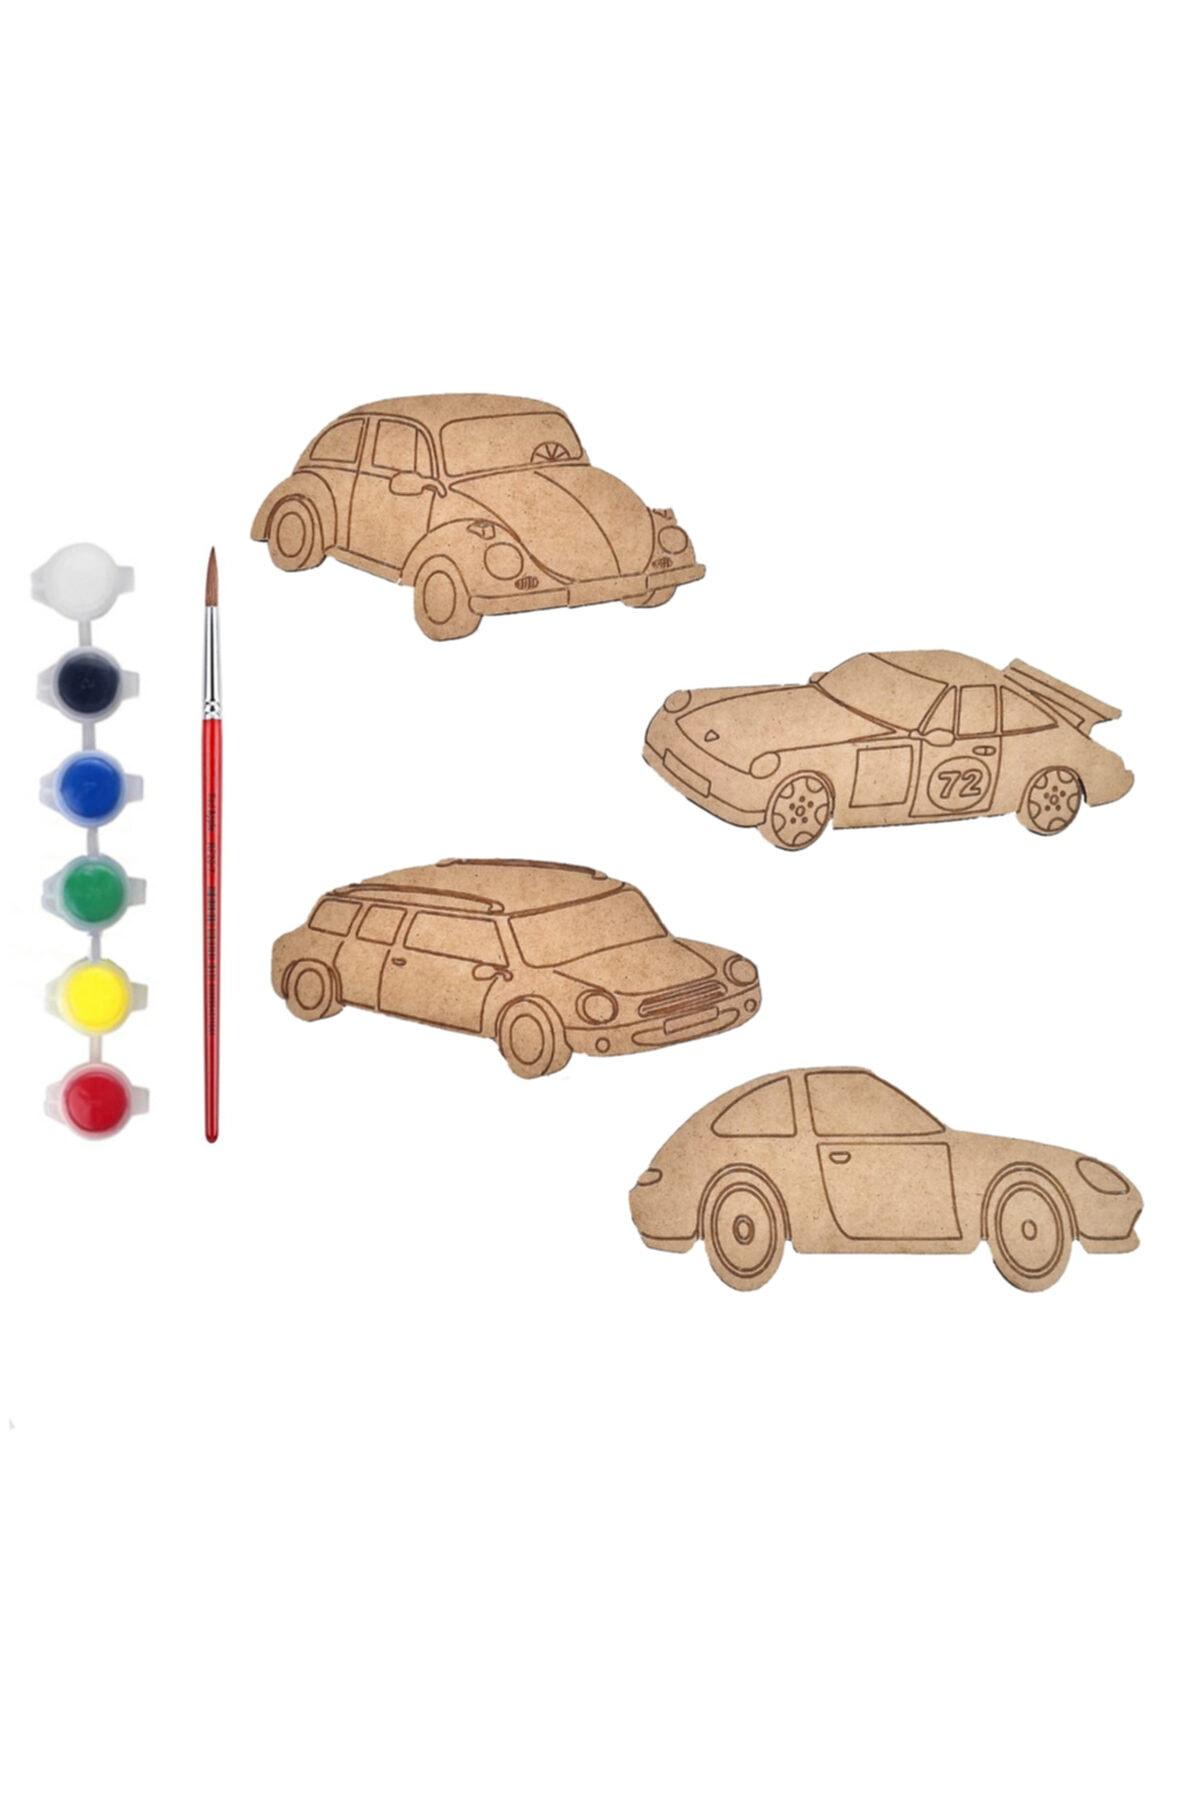 Tahtakurusu Tasarım Eğitici Ahşap Boyama Seti Arabalar 01 1